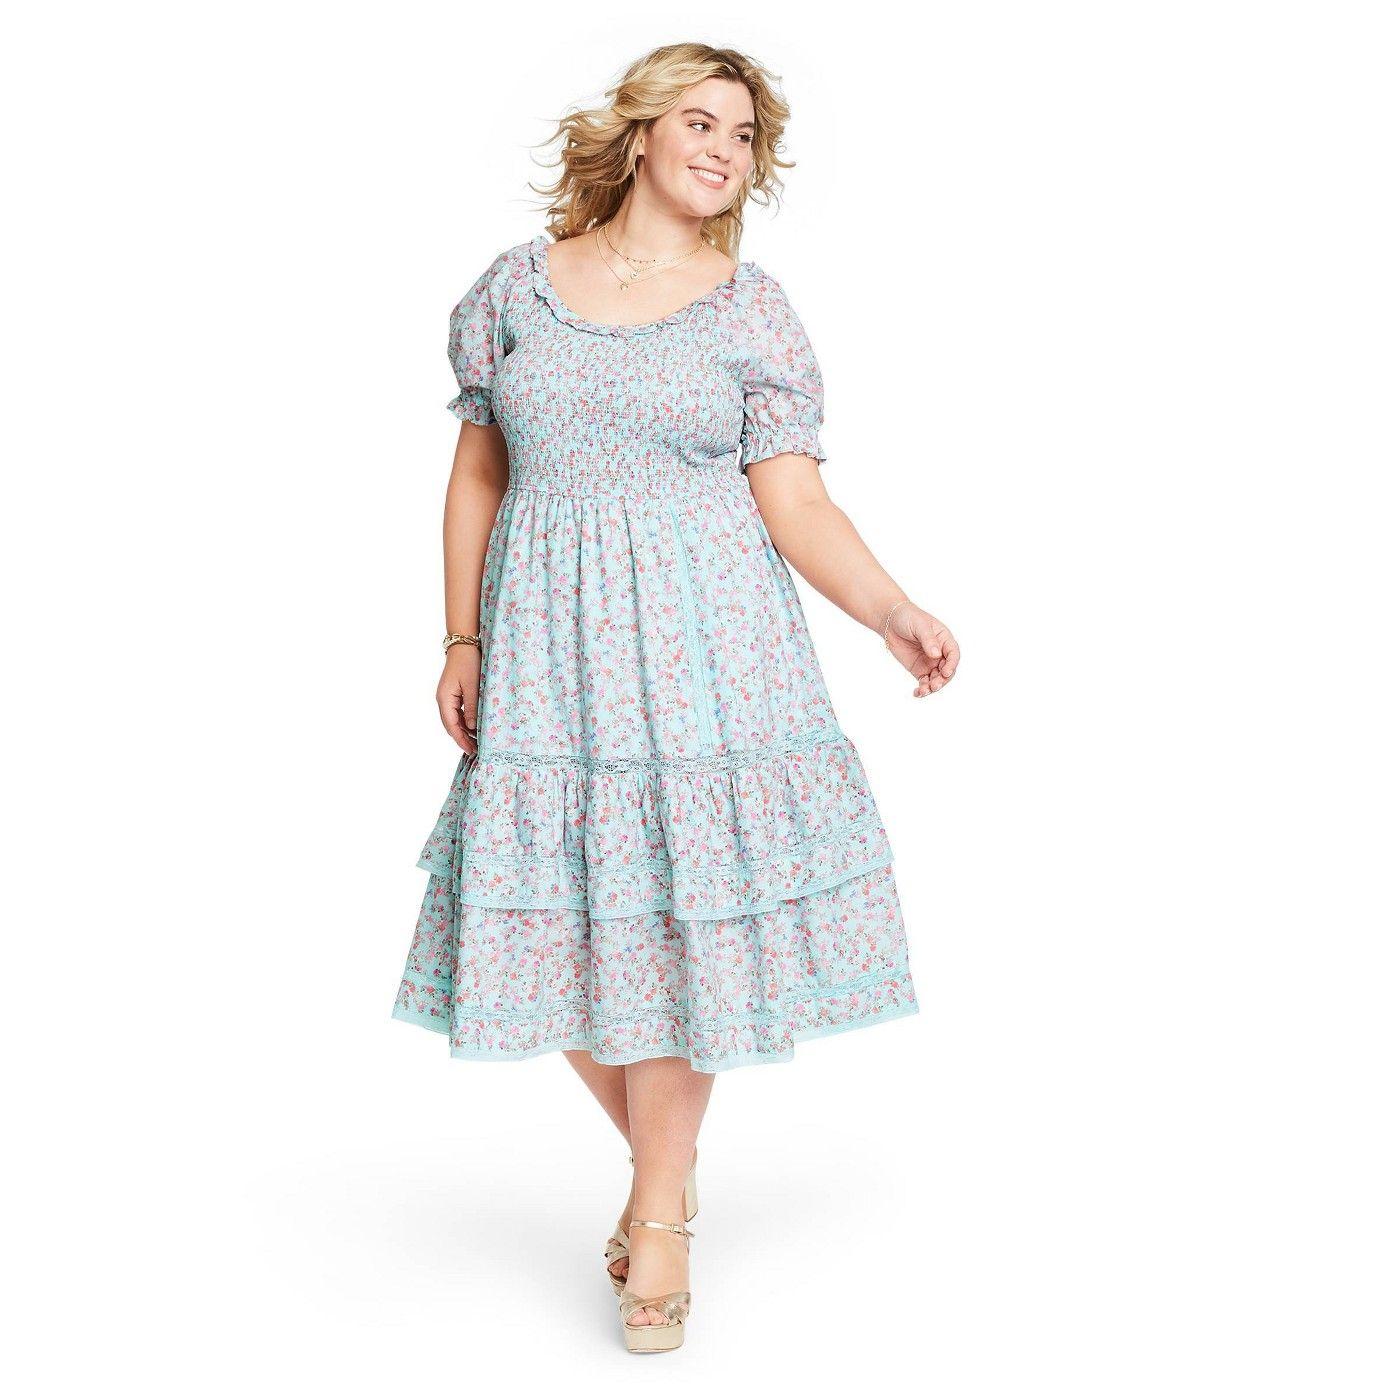 Women S Celeste Smocked Puff Sleeve Dress Loveshackfancy For Target Regular Plus Light B Puffed Sleeves Dress Puff Sleeve Dresses Midi Dress With Sleeves [ 1400 x 1400 Pixel ]